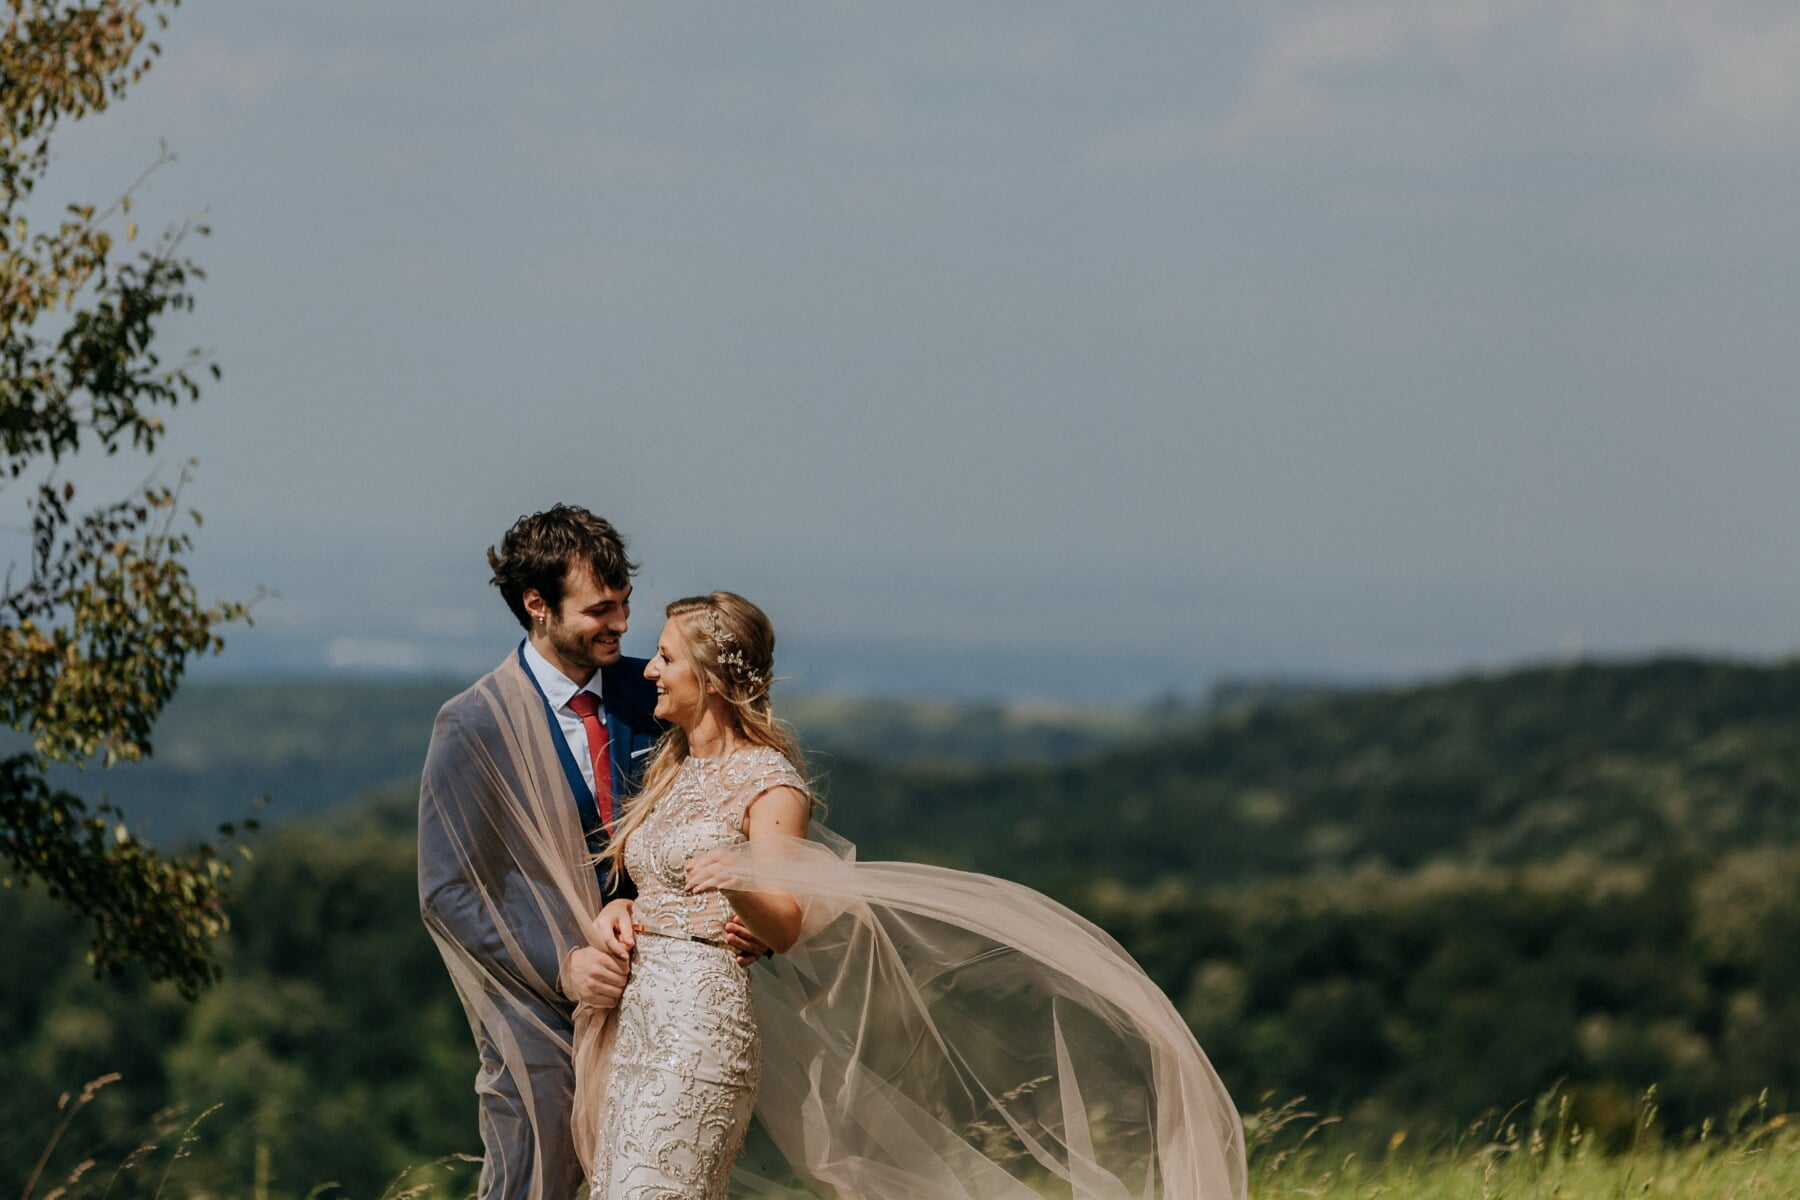 romantis, pertemuan cinta, kerudung, kenaikan, pejalan kaki, pernikahan, pengantin pria, Cinta, Gadis, keterlibatan